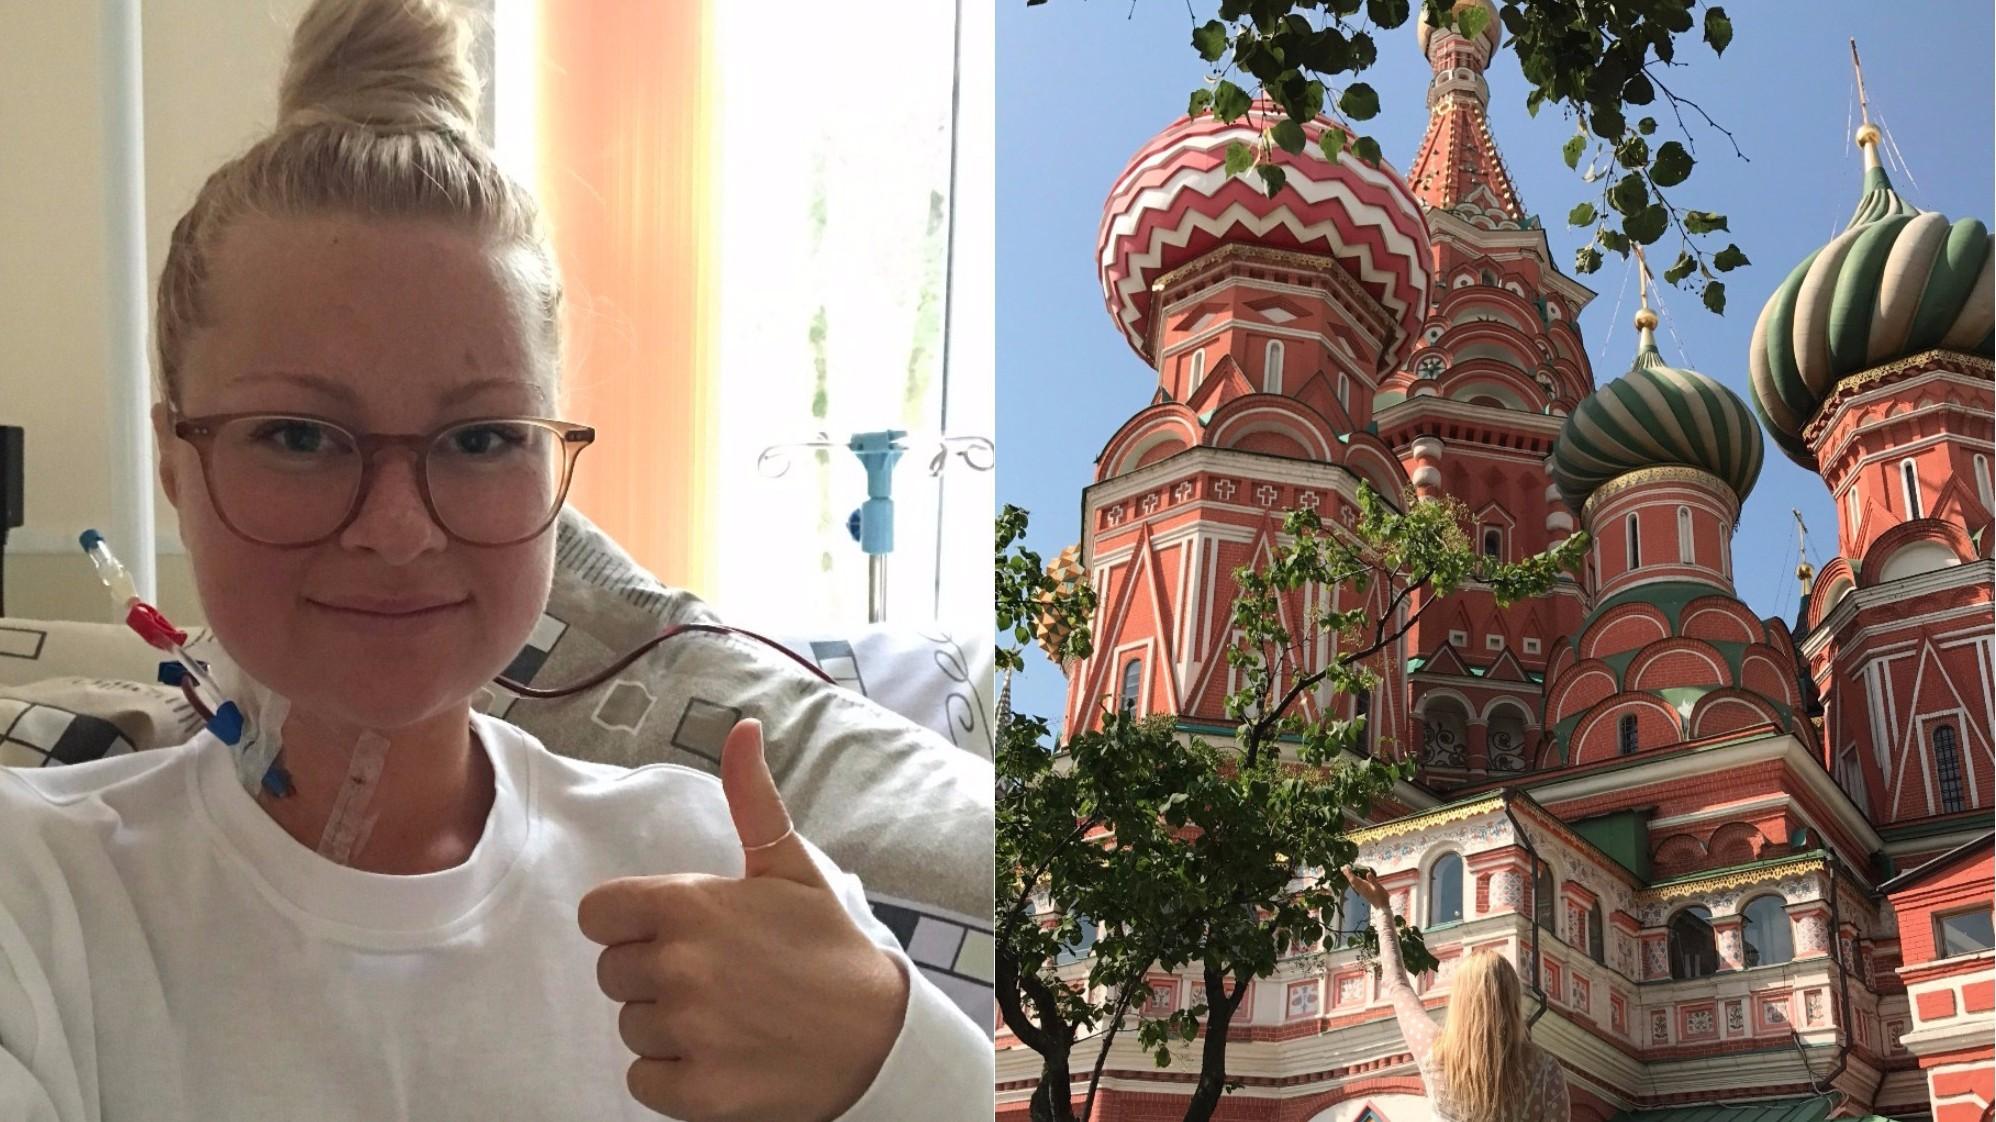 Alternative medicine tourism in Russia ile ilgili görsel sonucu